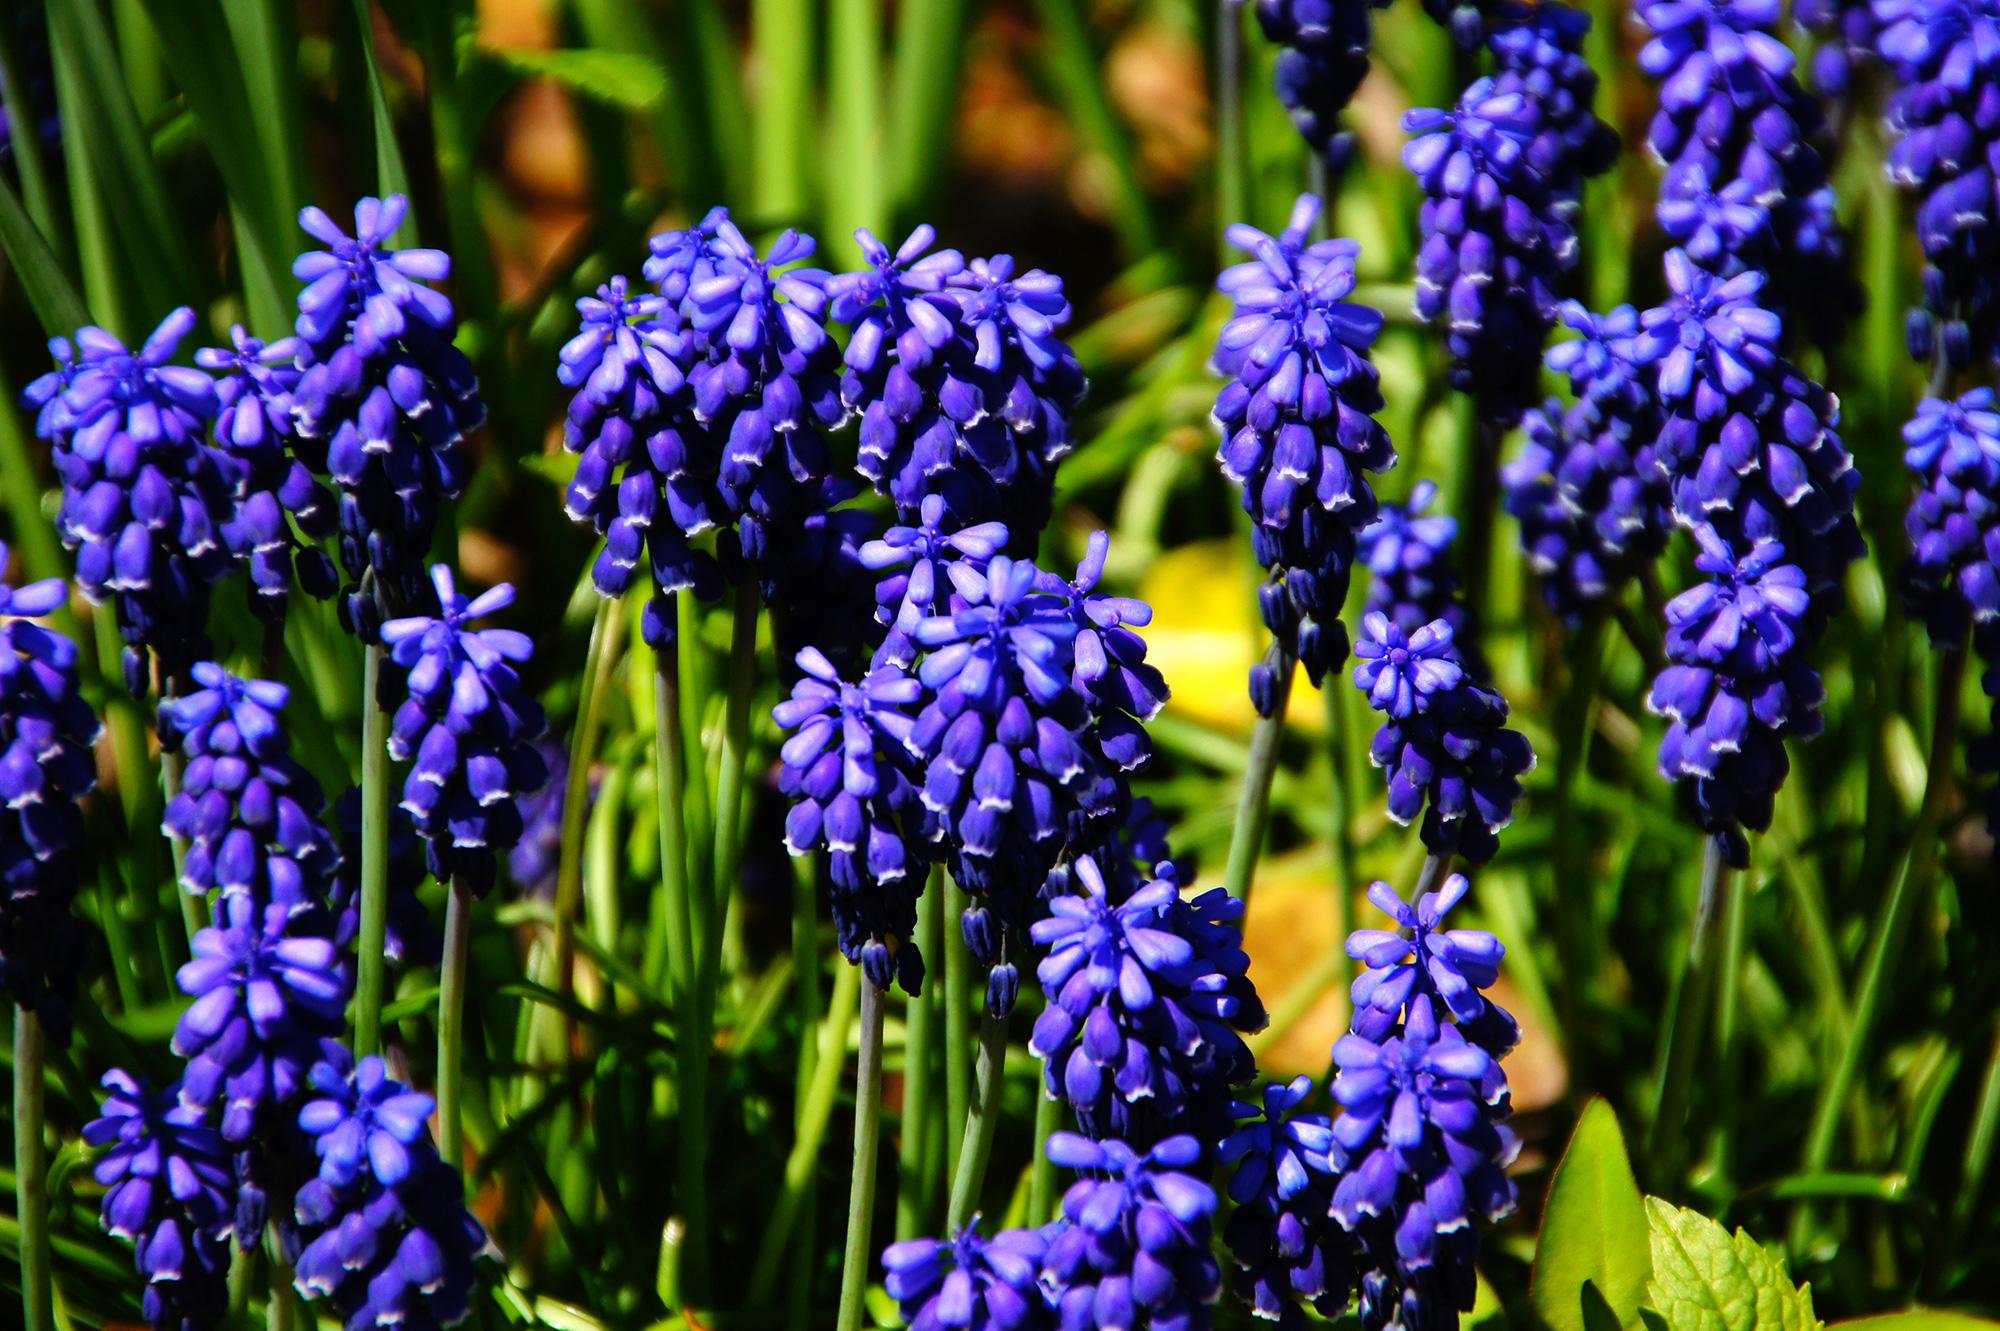 花壇に咲くたくさんのムスカリ